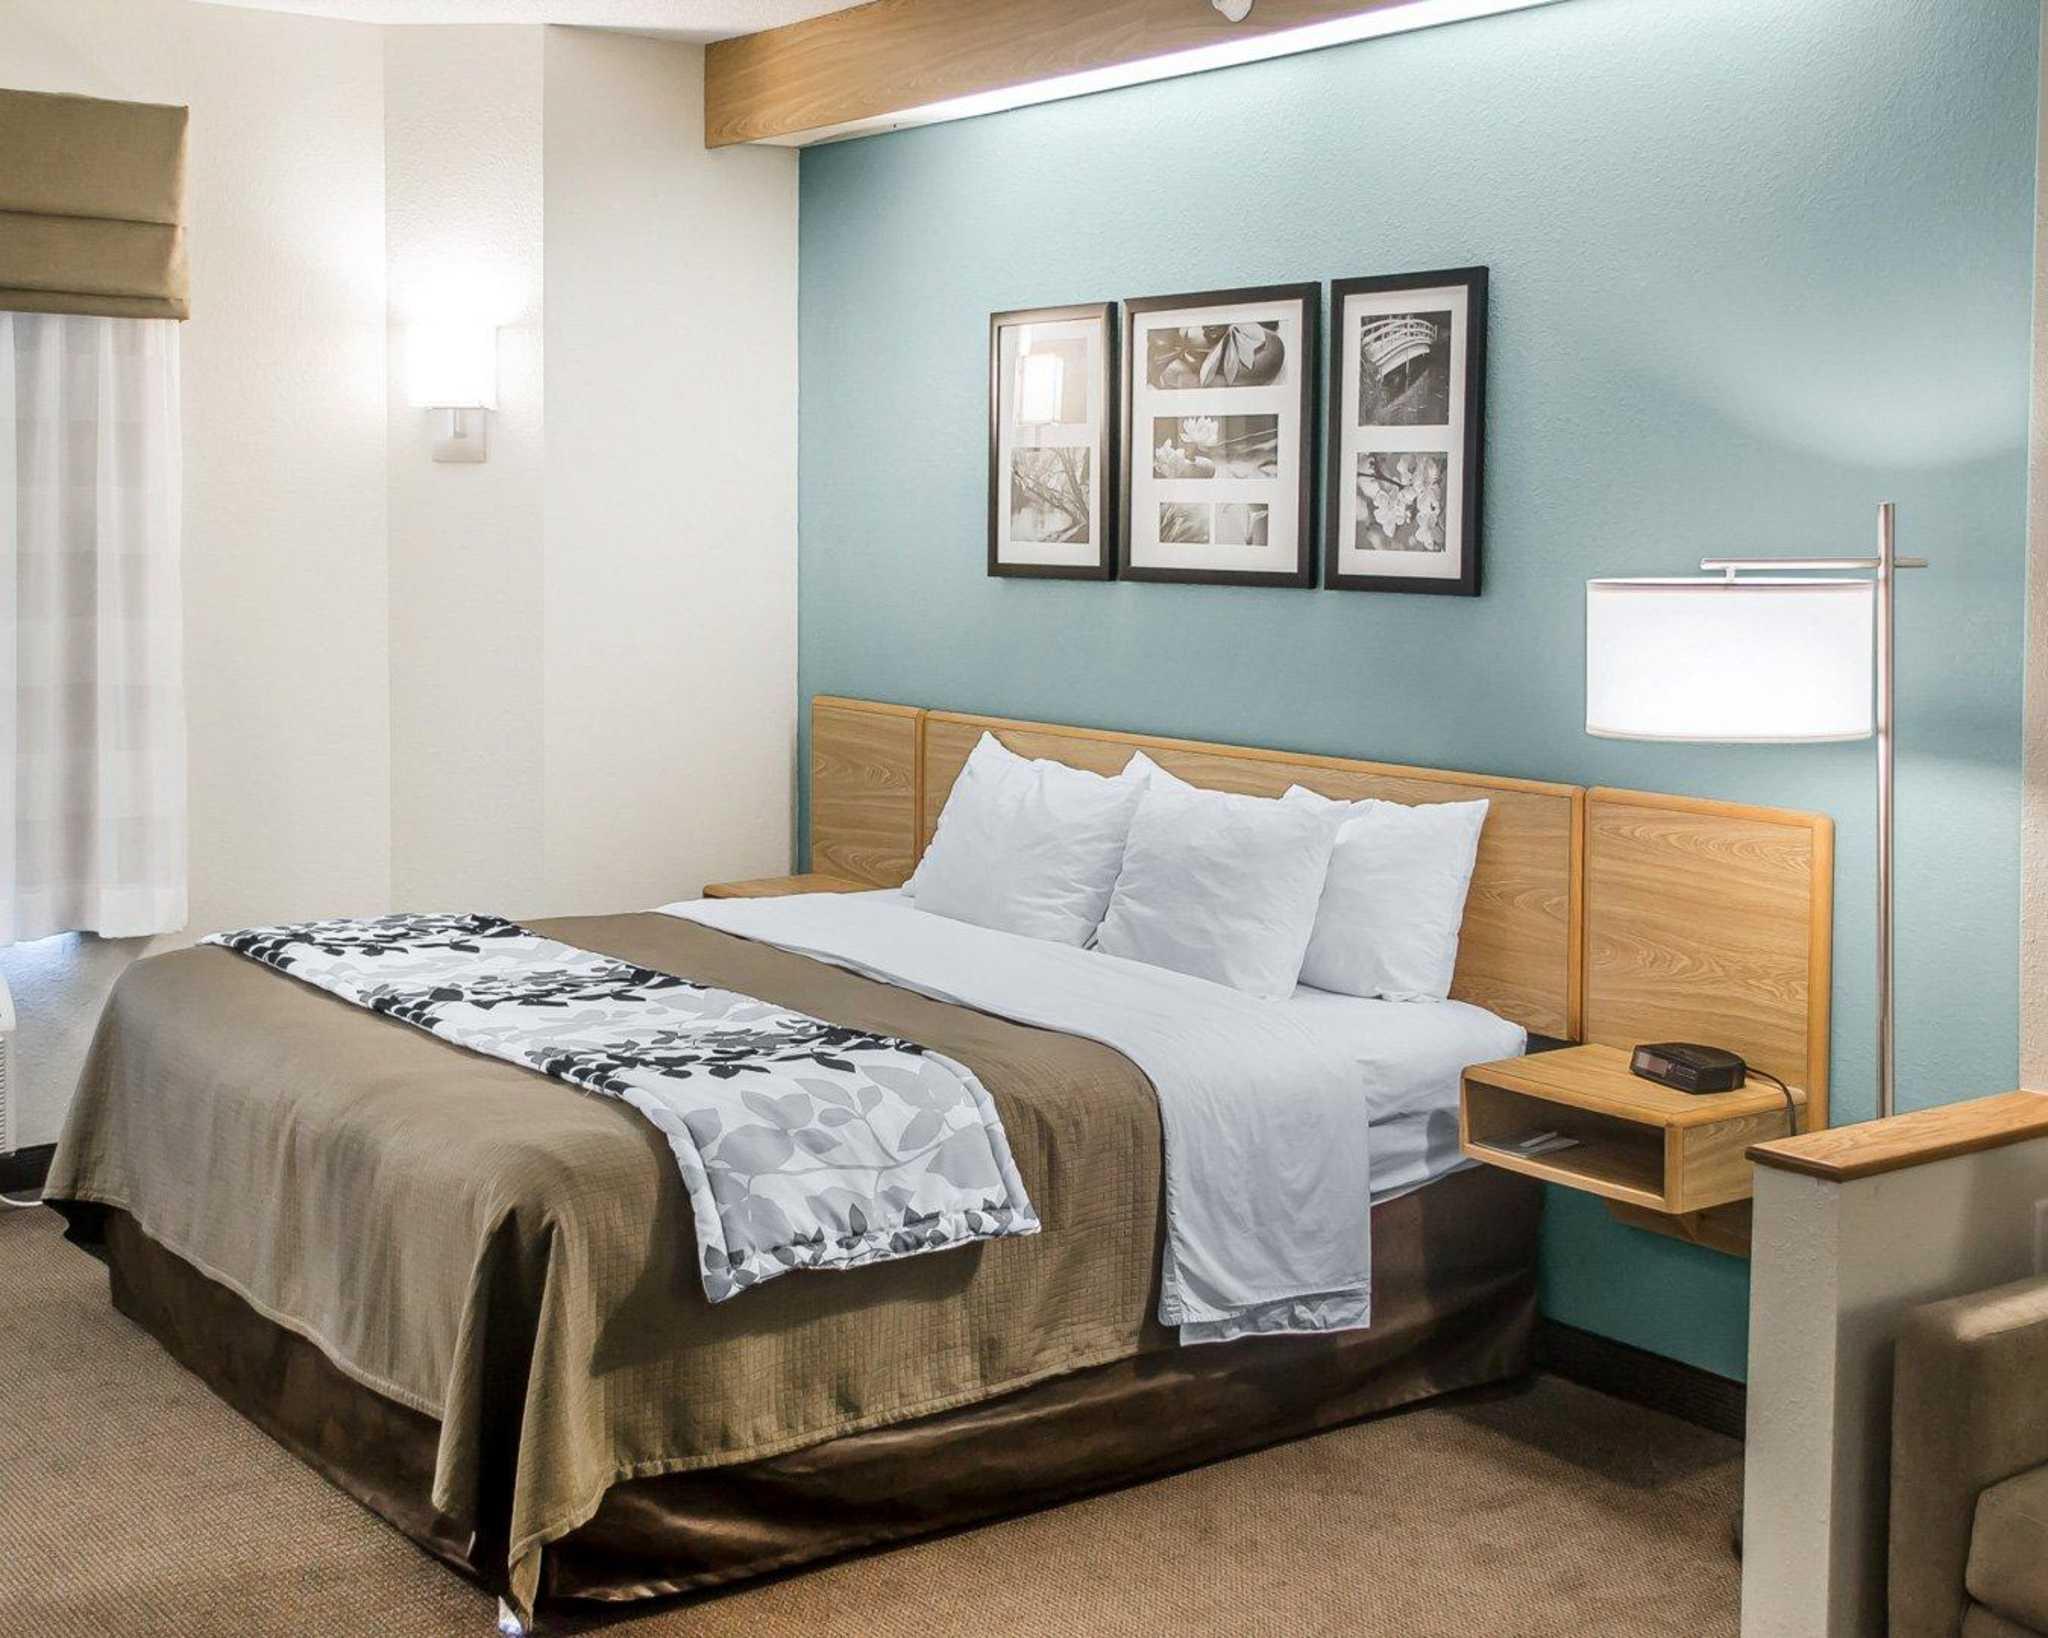 Sleep Inn & Suites image 0